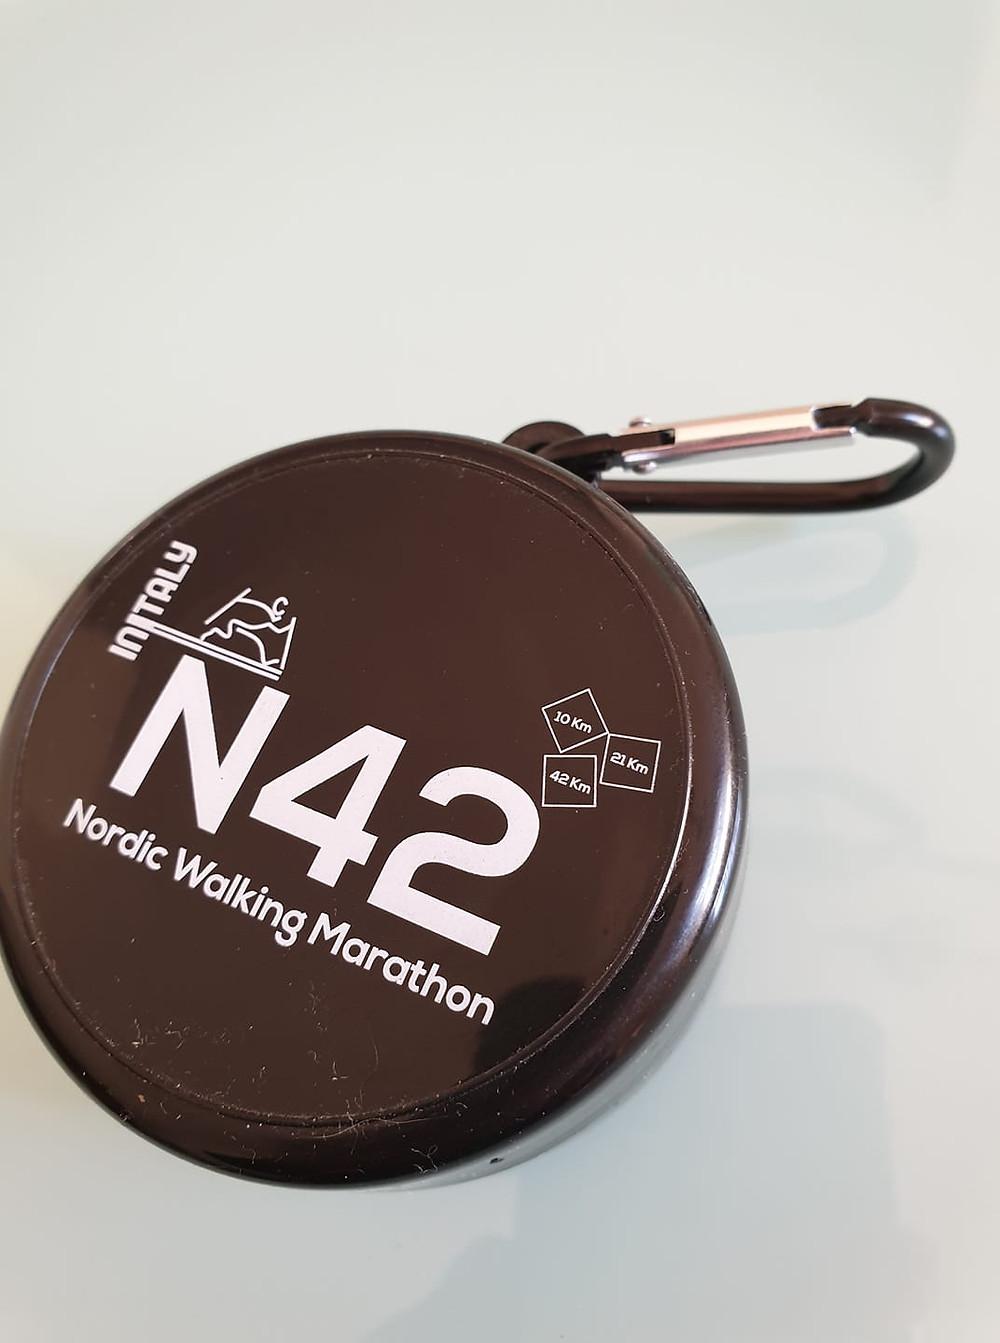 Il bicchiere N42 di NordicwalkinItaly, protagonista dell'iniziativa #ioportoilmiobicchiere per un nordic walking ancora più ecosostenibile